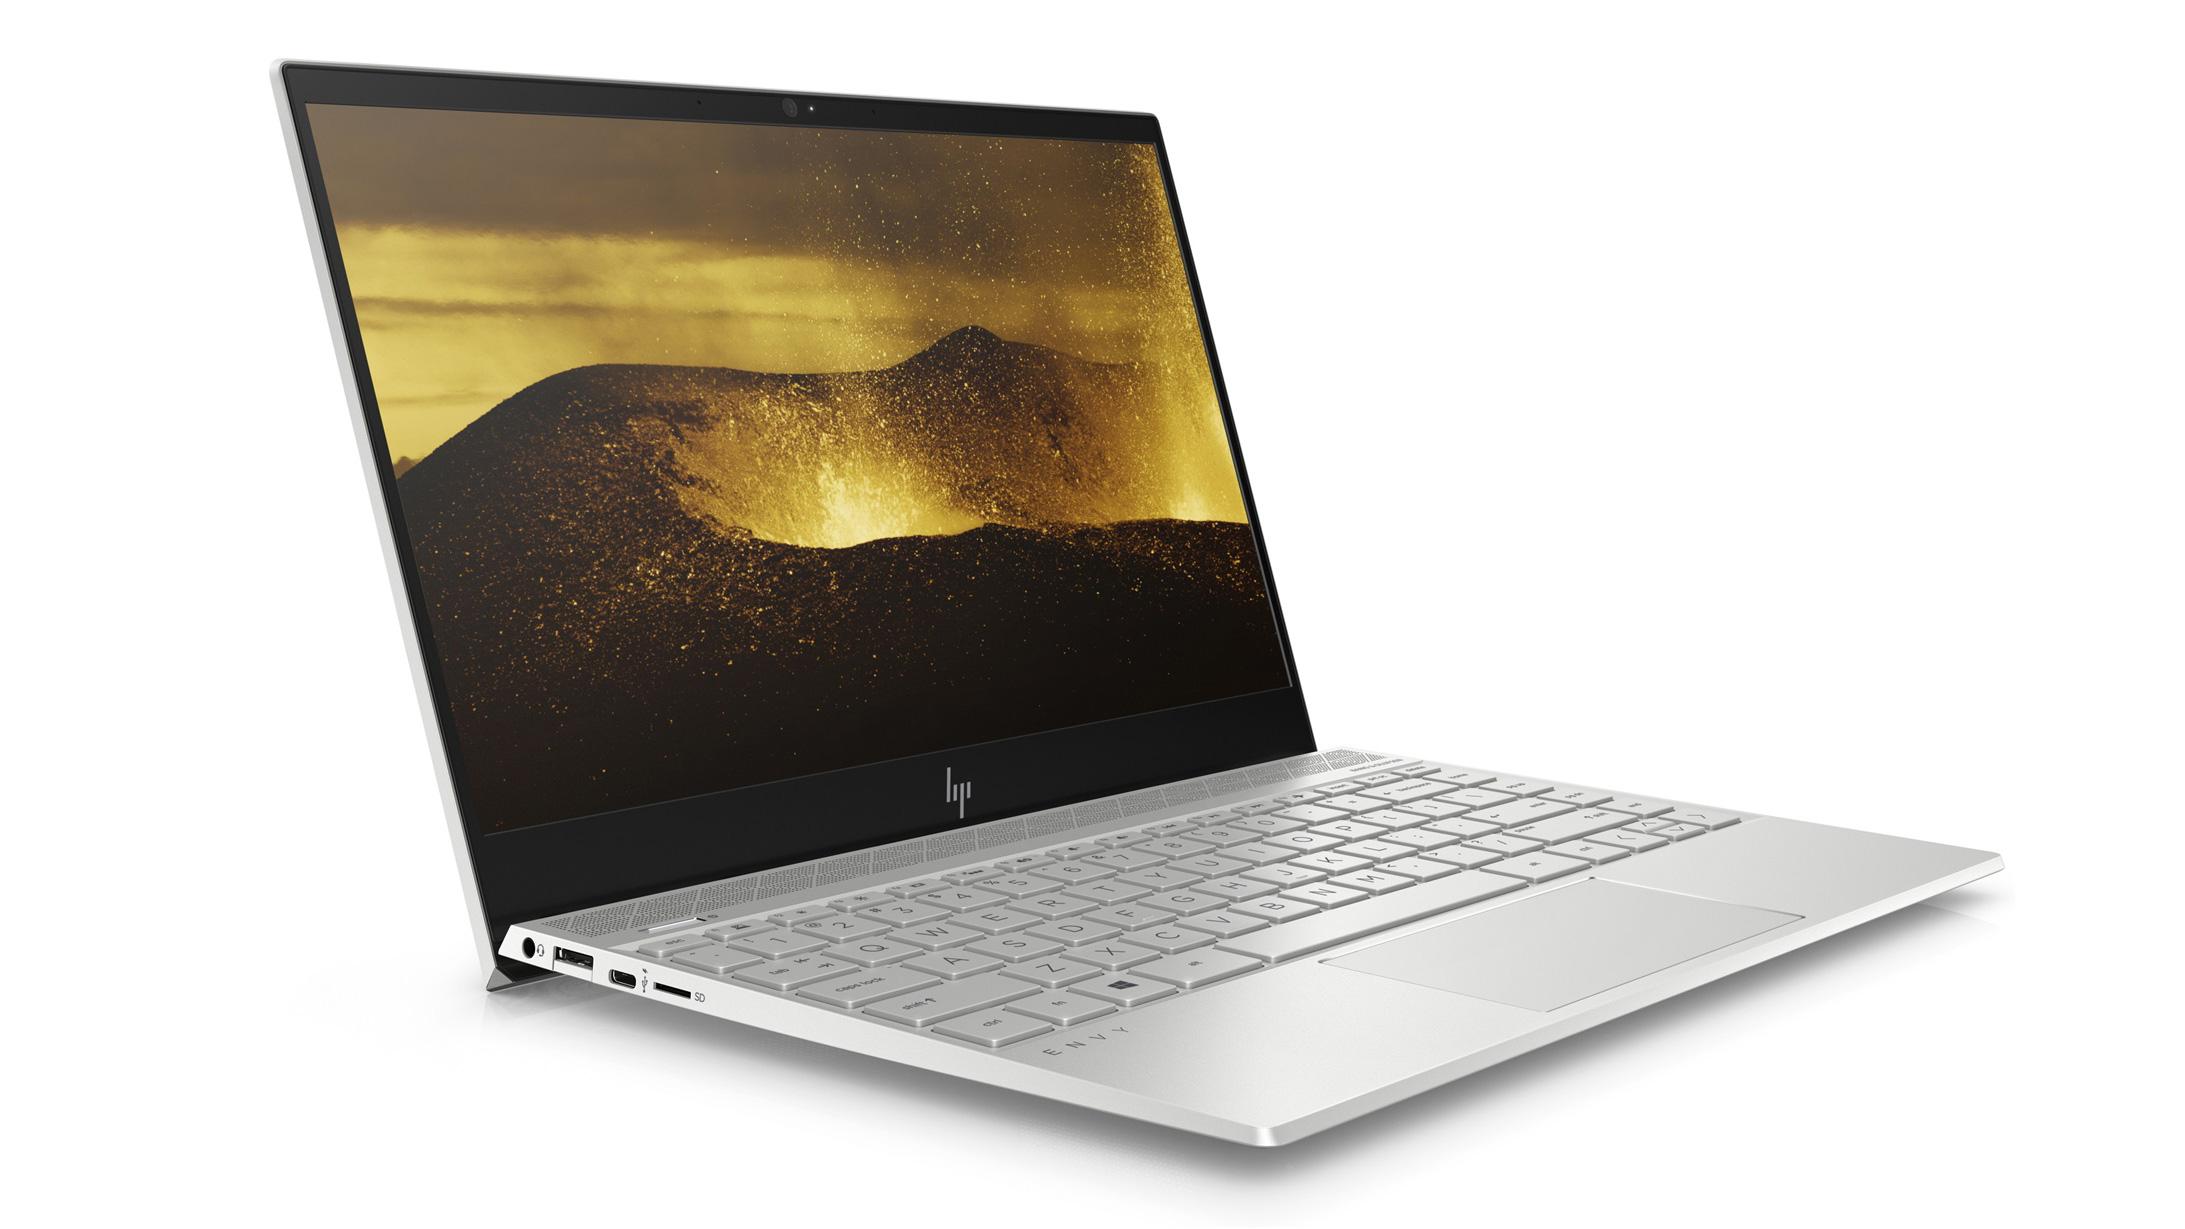 The best laptops for programming: HP Envy 13 (2018)